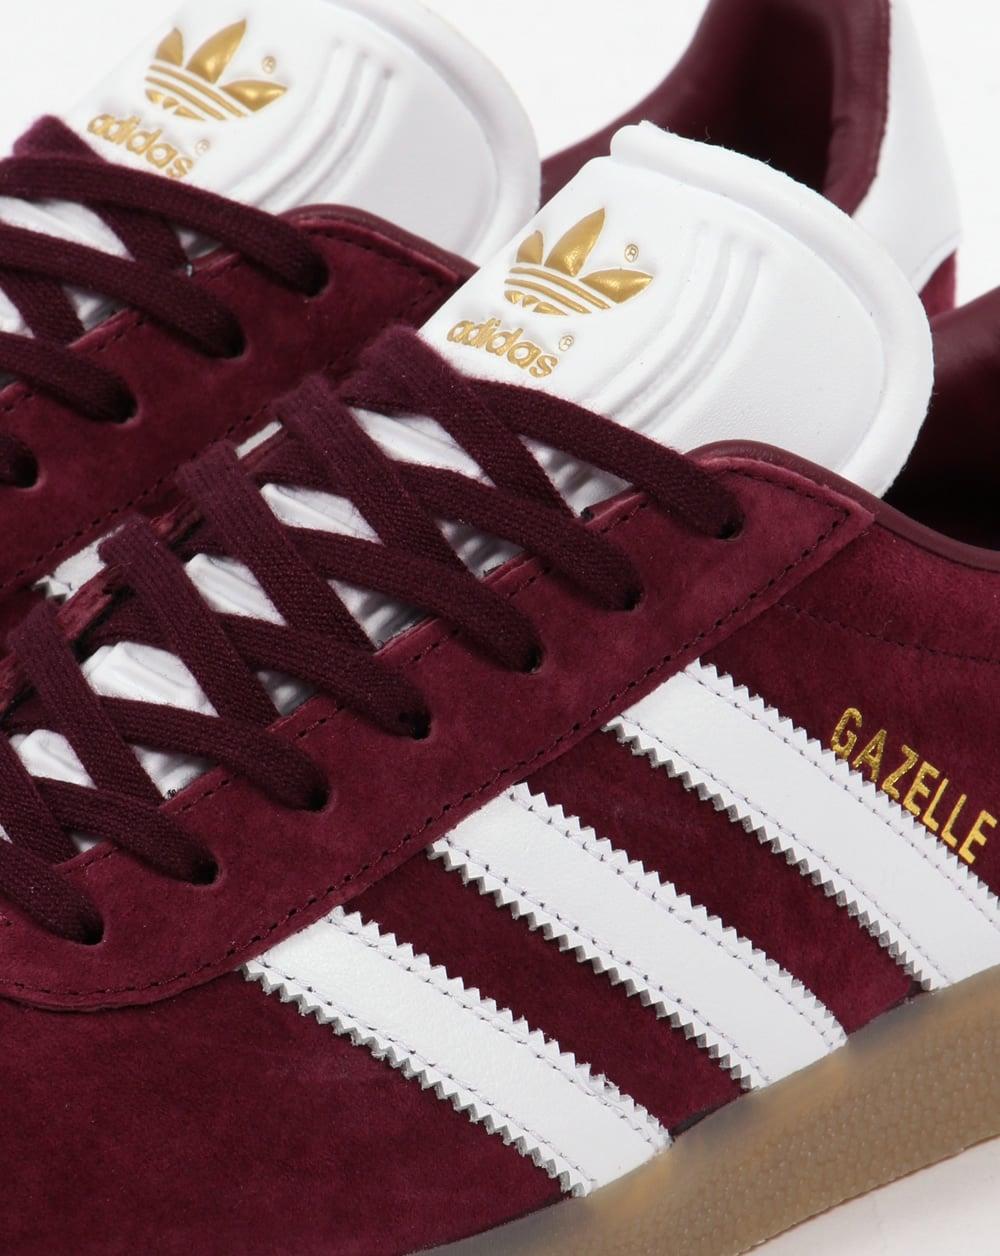 adidas gazelle maroon sneakers